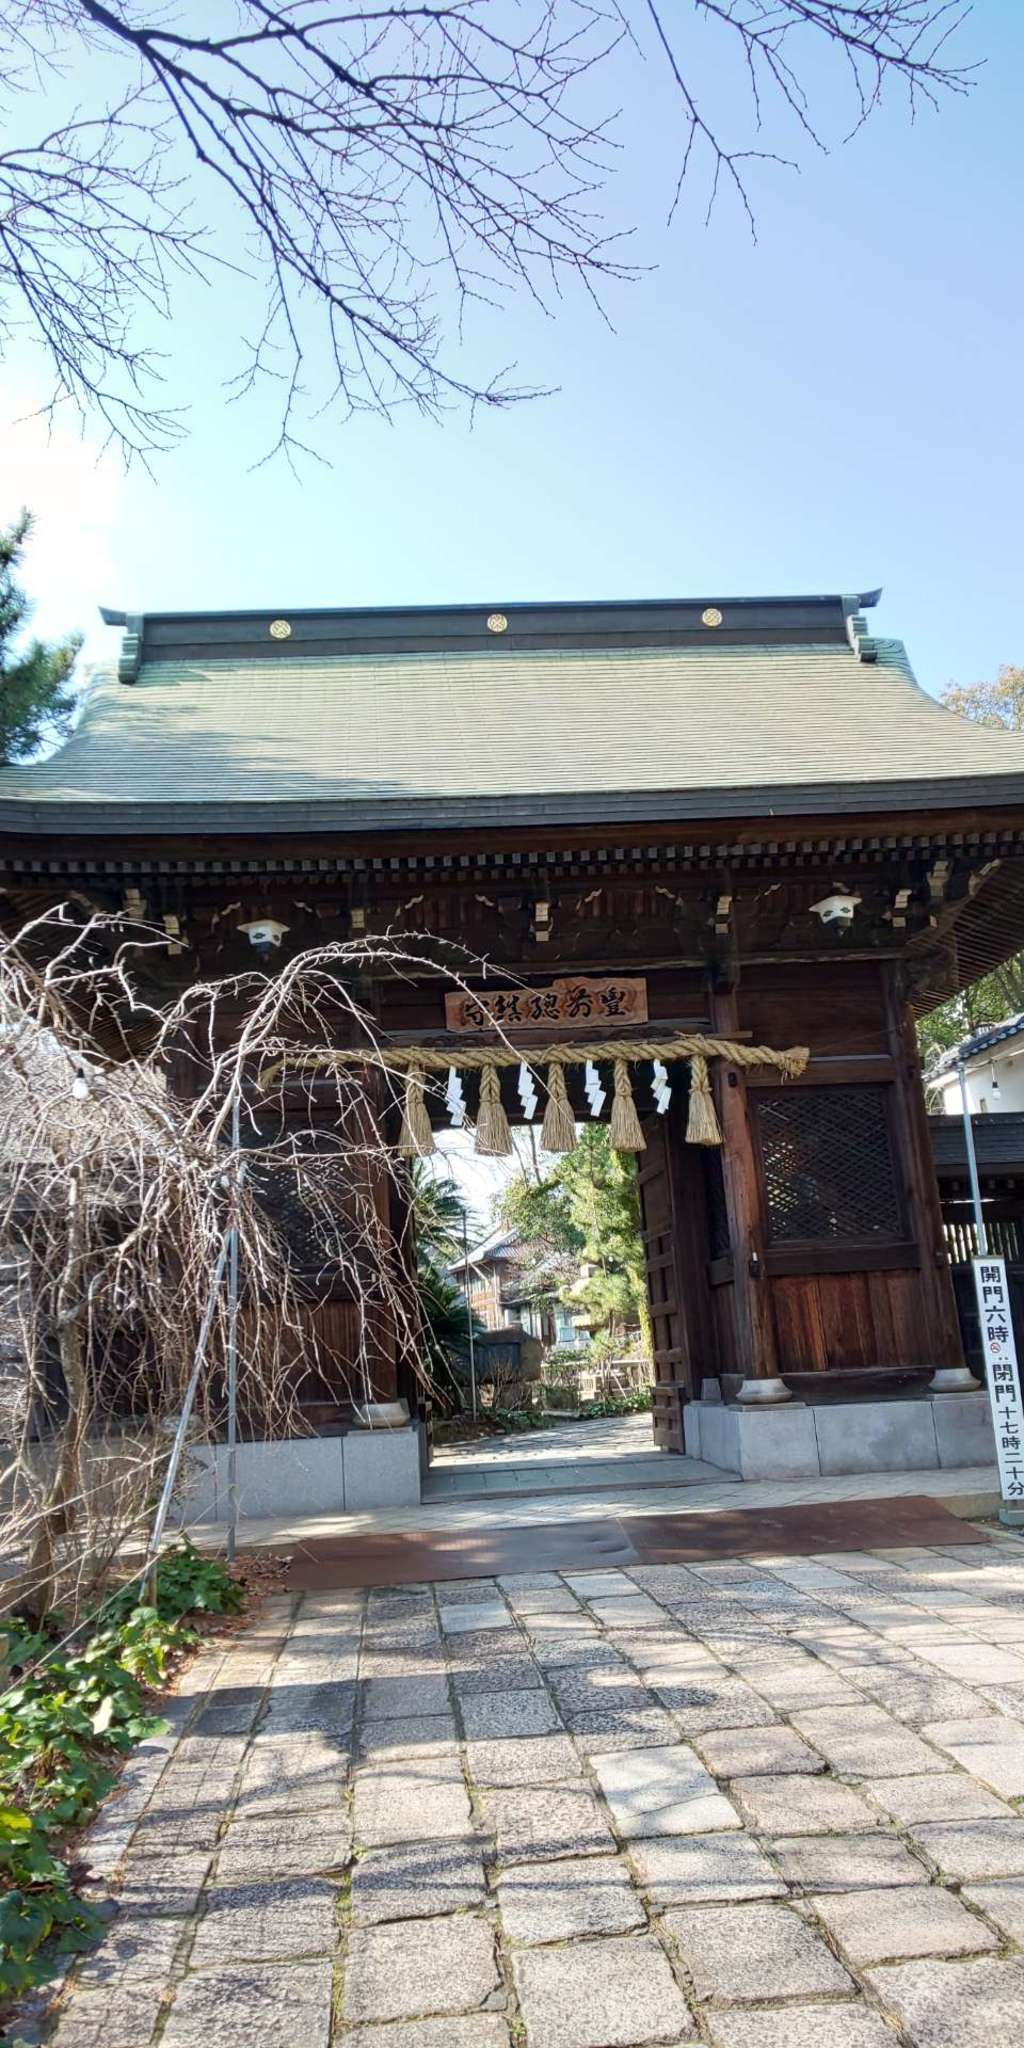 小倉祇園八坂神社の山門